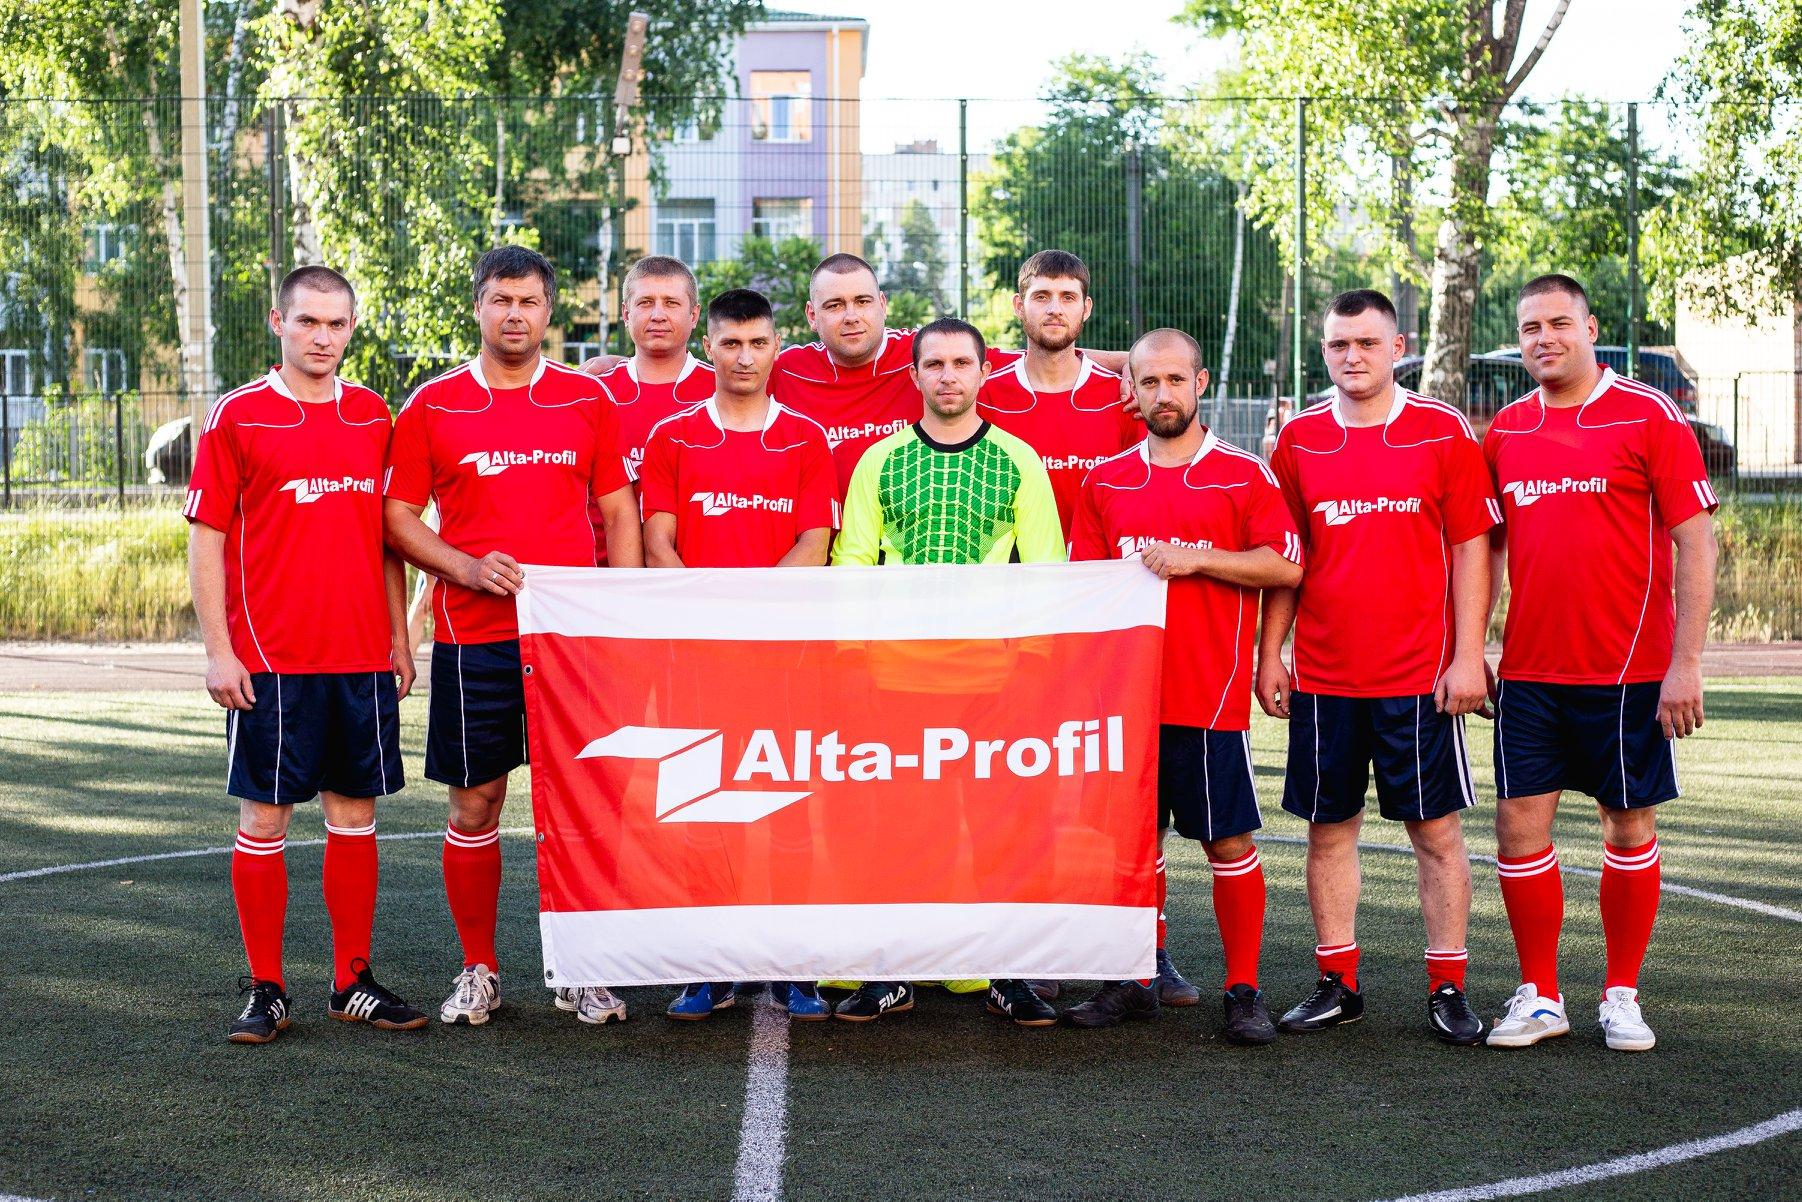 team_alta